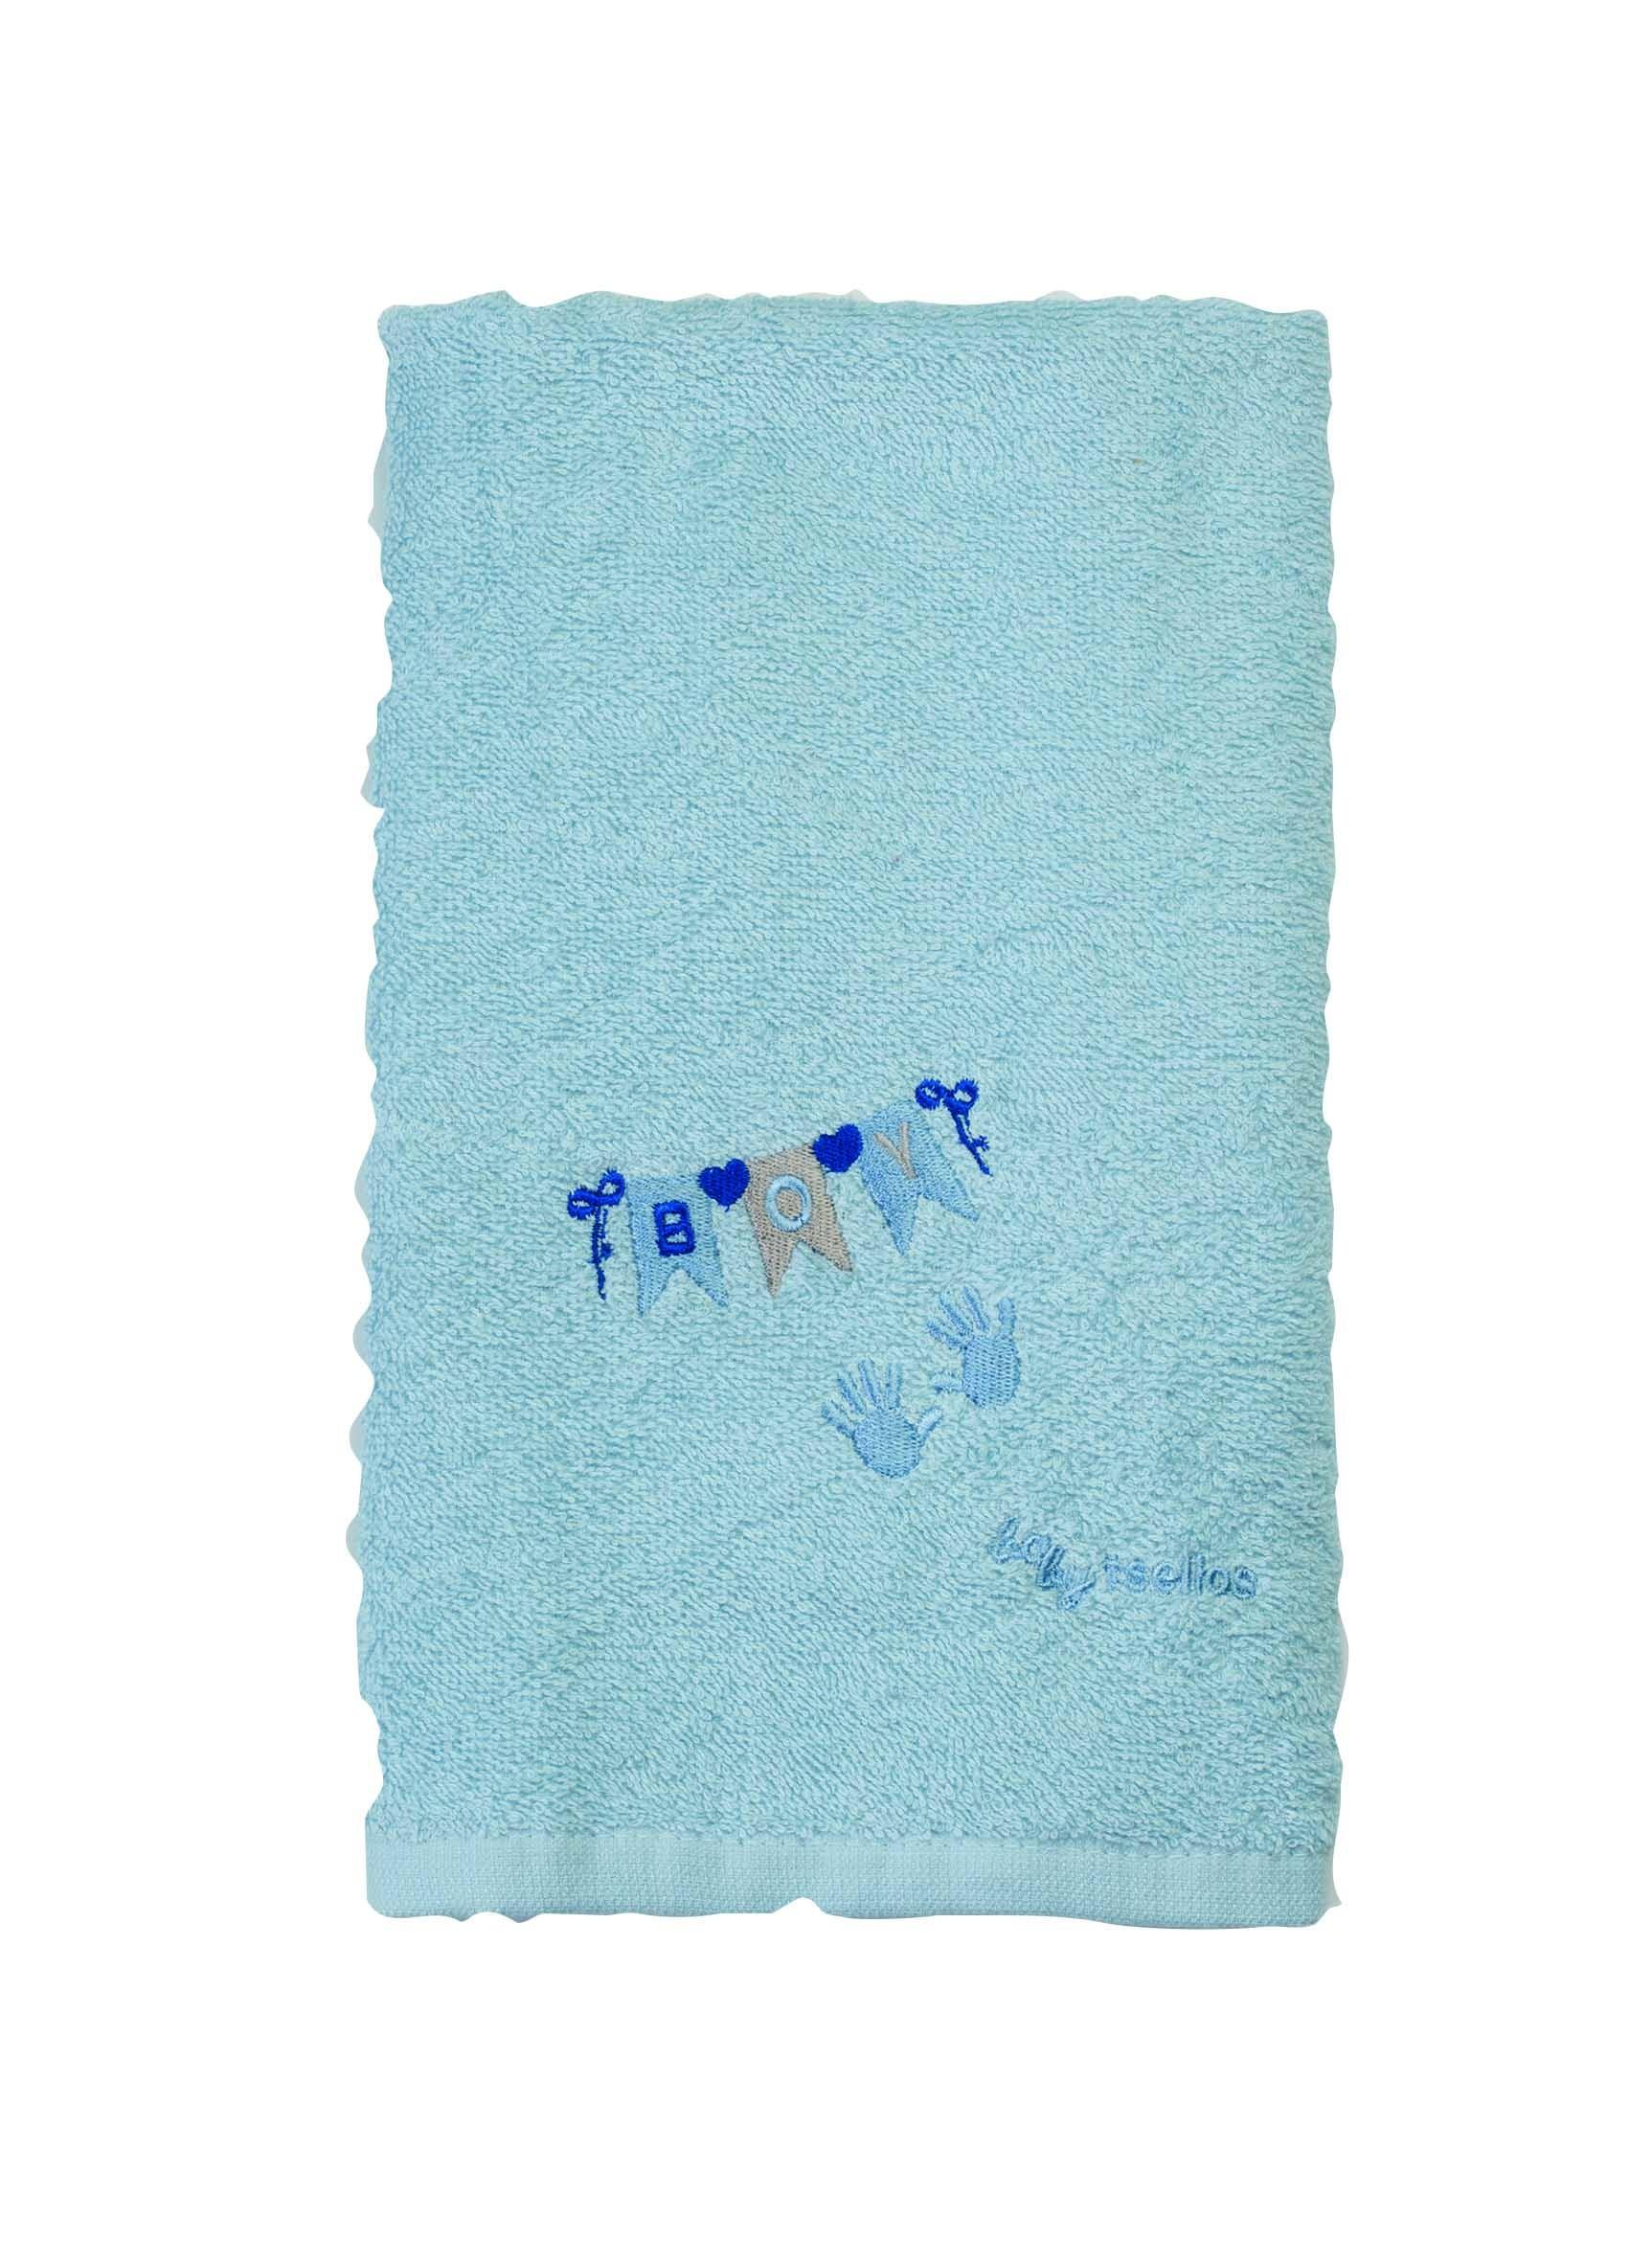 Βρεφικές Πετσέτες (Σετ 2τμχ) Makis Tselios Baby Party Blue